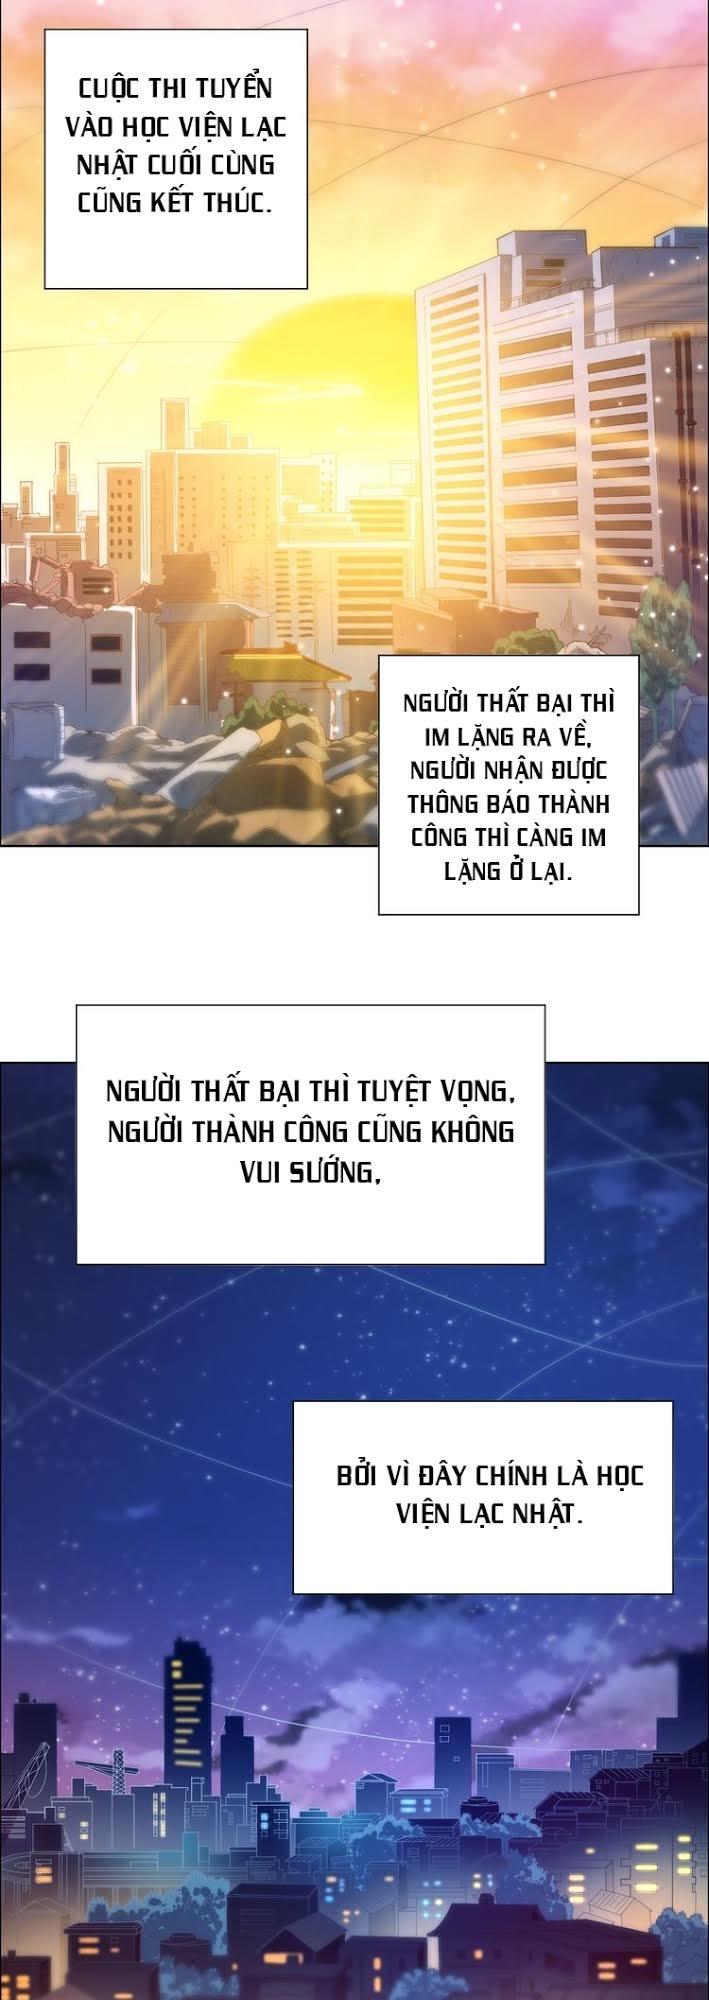 Giản Giới chap 11 - Trang 16